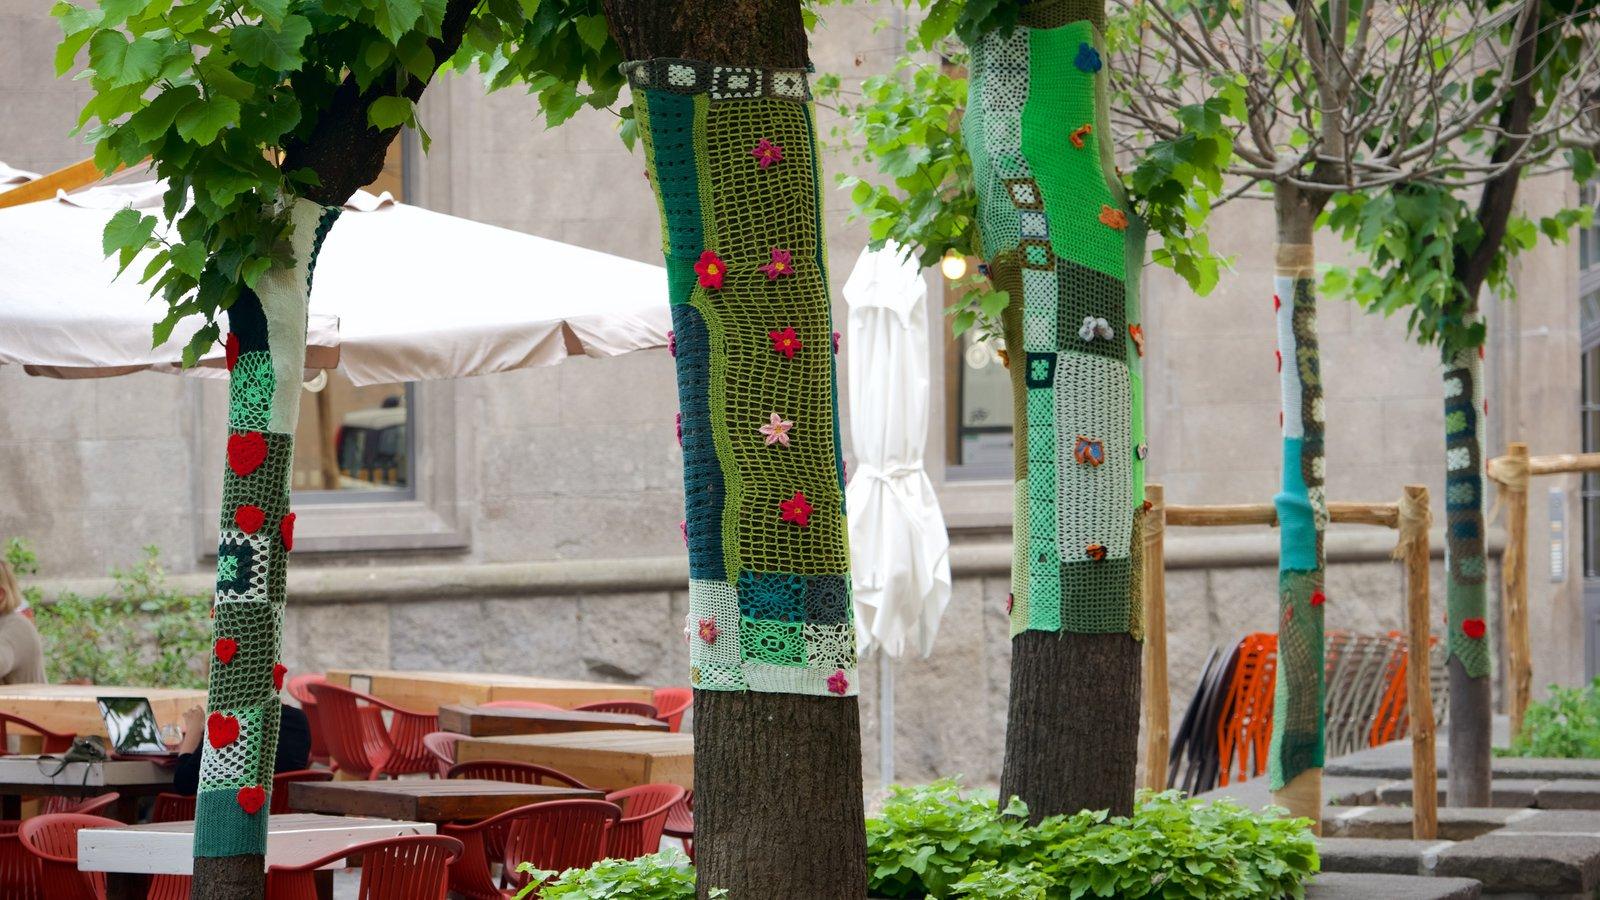 Viterbo mostrando arte ao ar livre